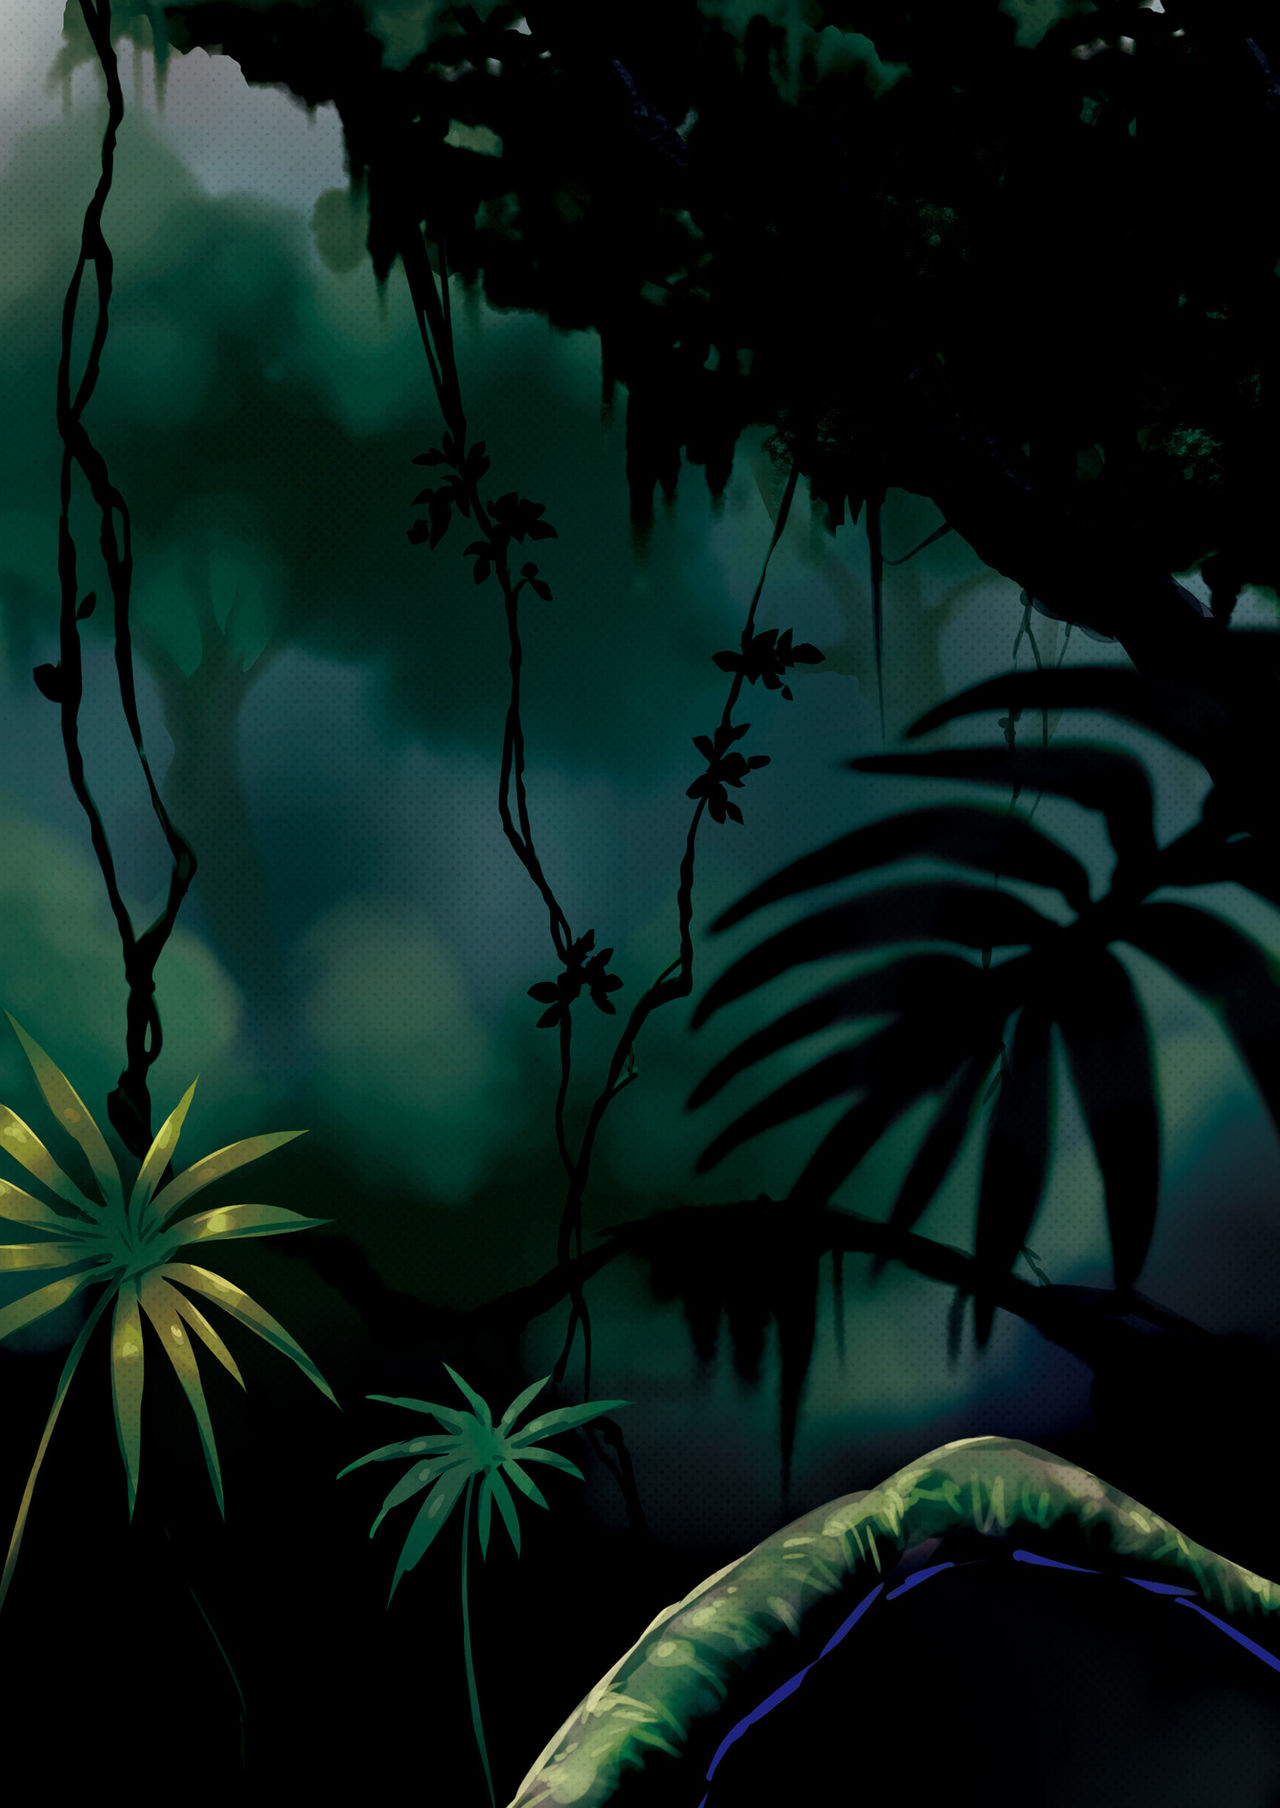 อันตรายจากในป่า ภาพ 1